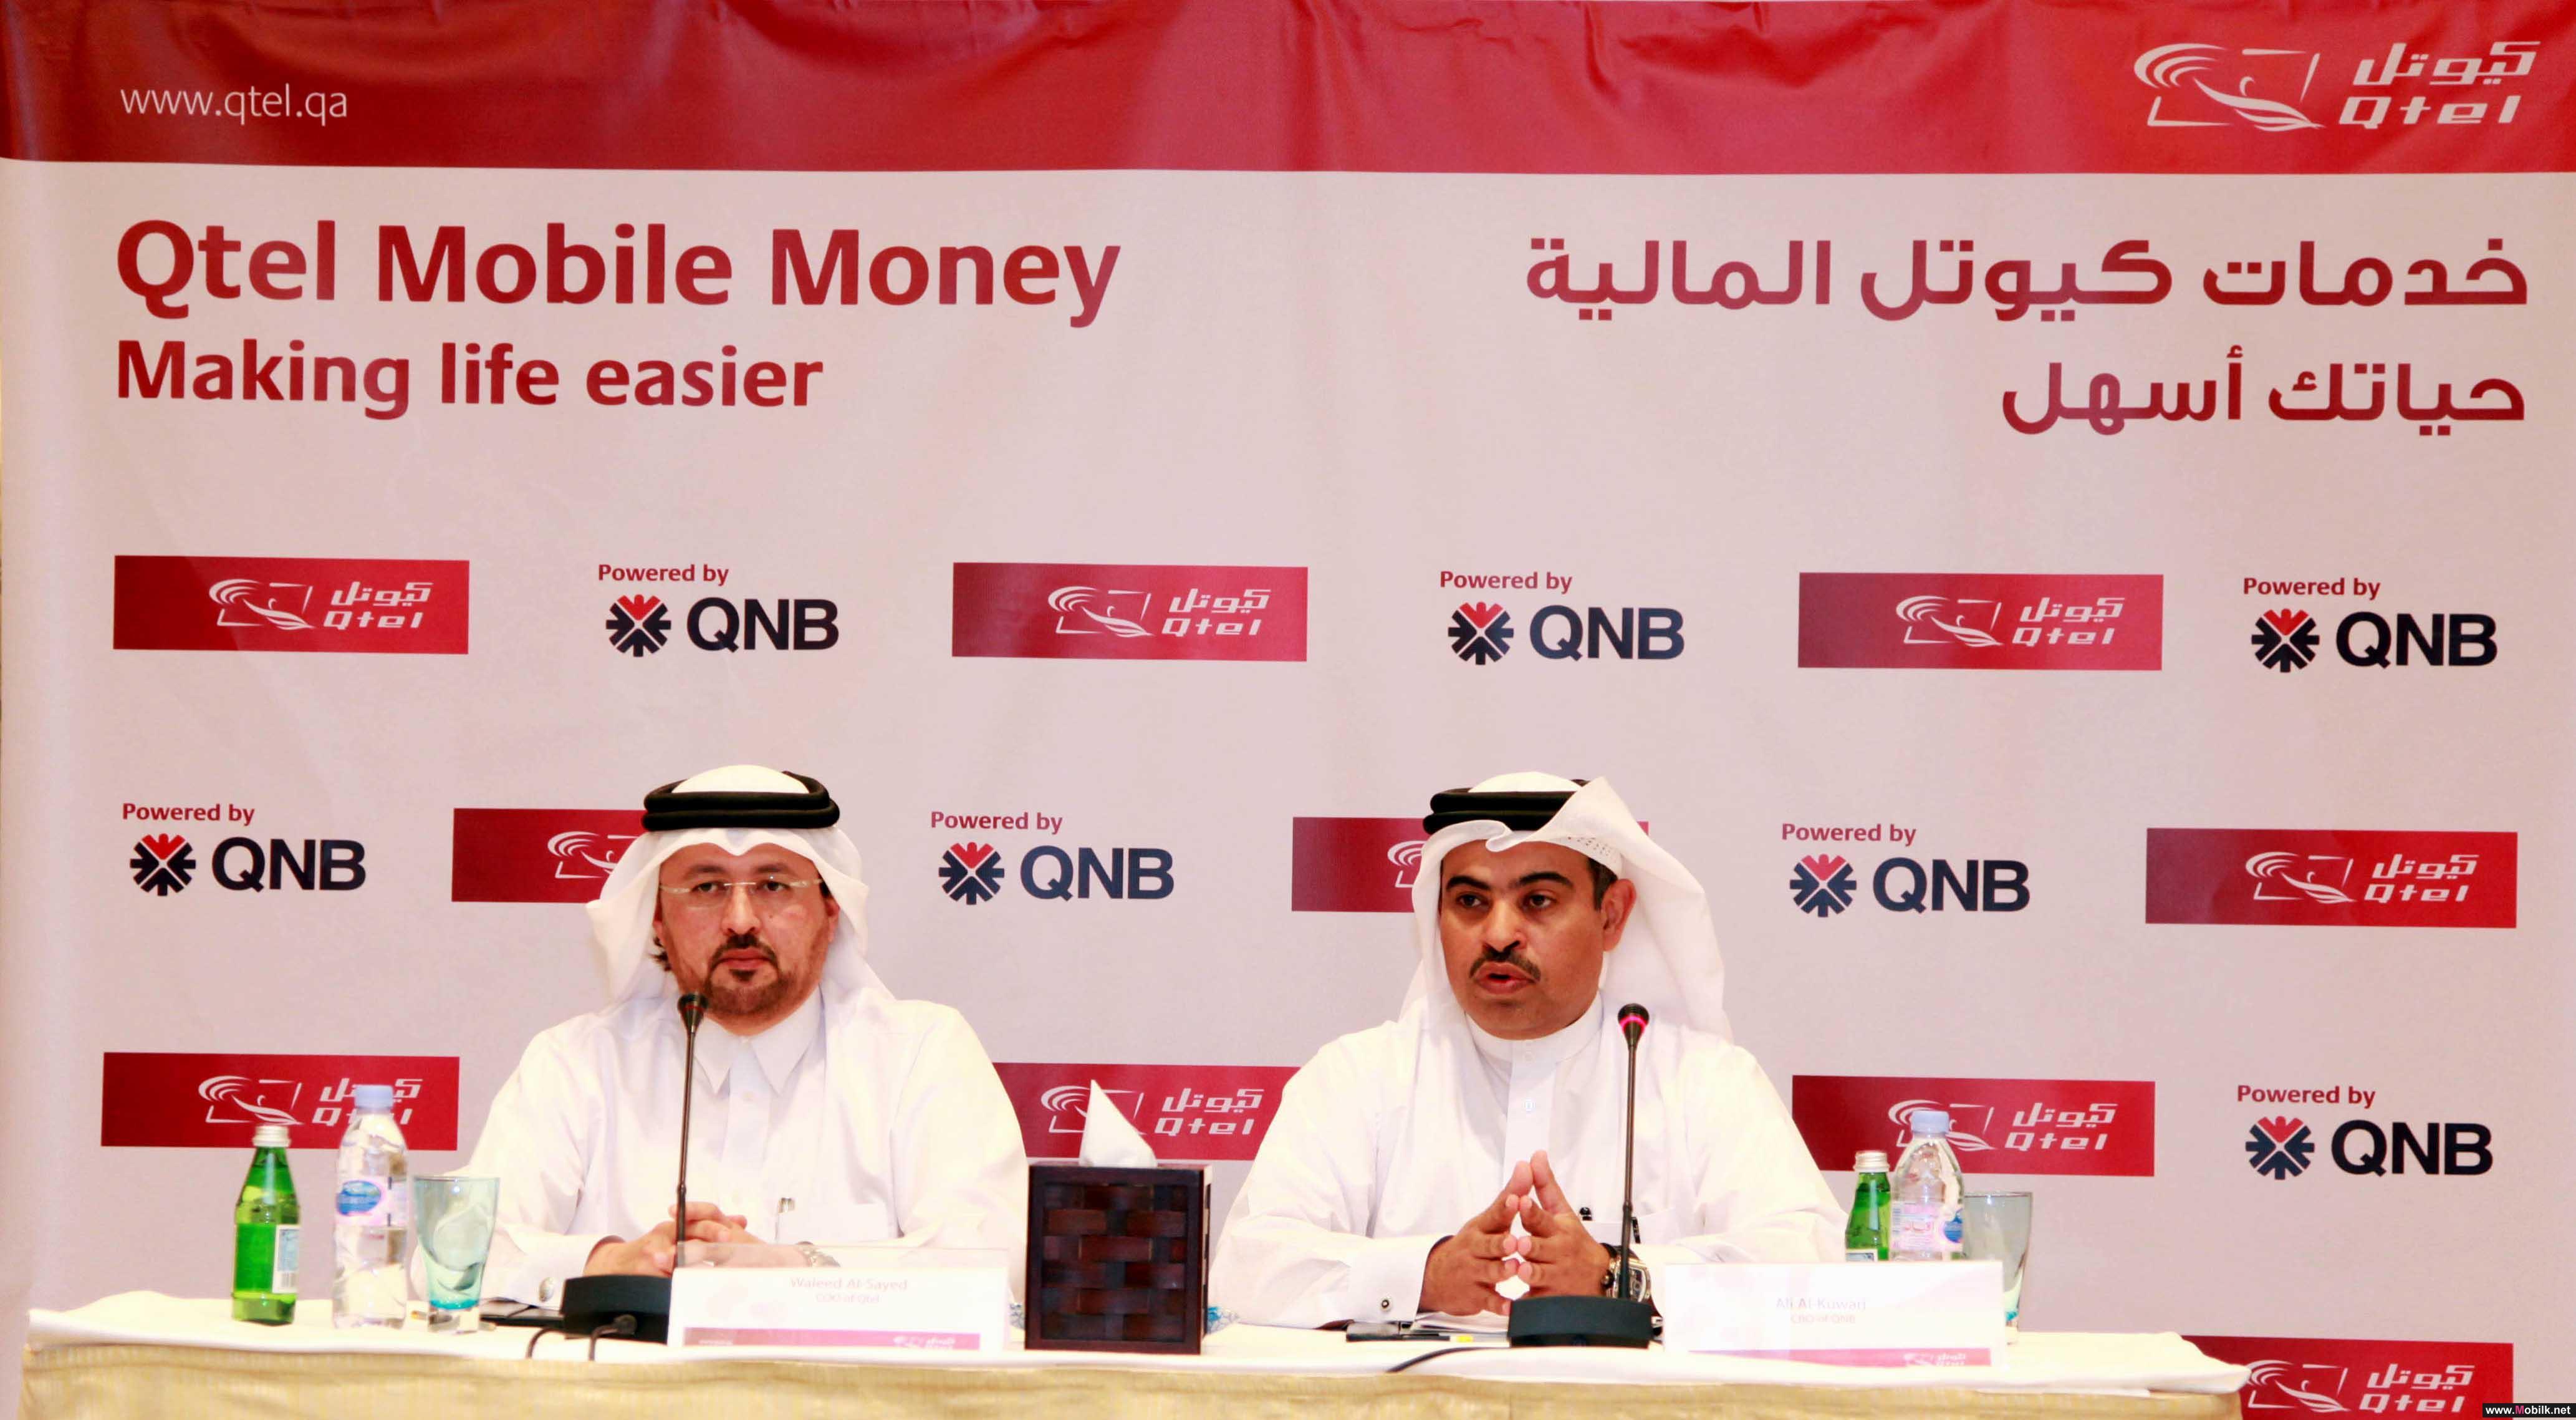 كيوتل تطلق خدمة موبايل موني في قطر